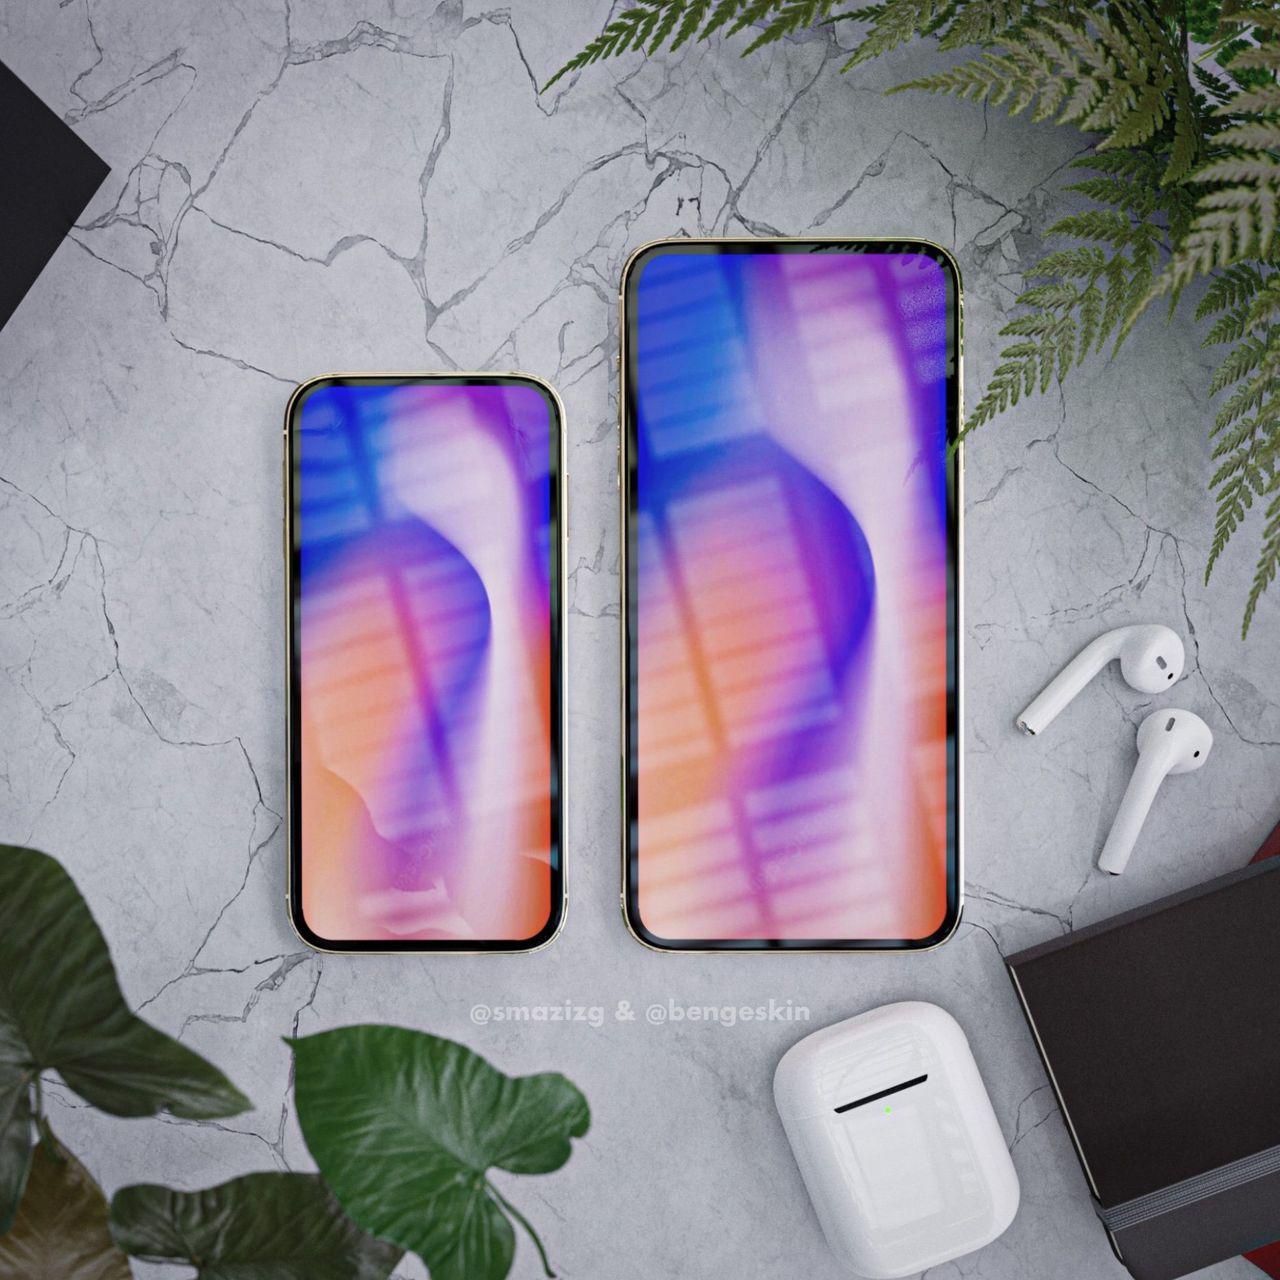 Slipper vi notch på nästa iPhone?